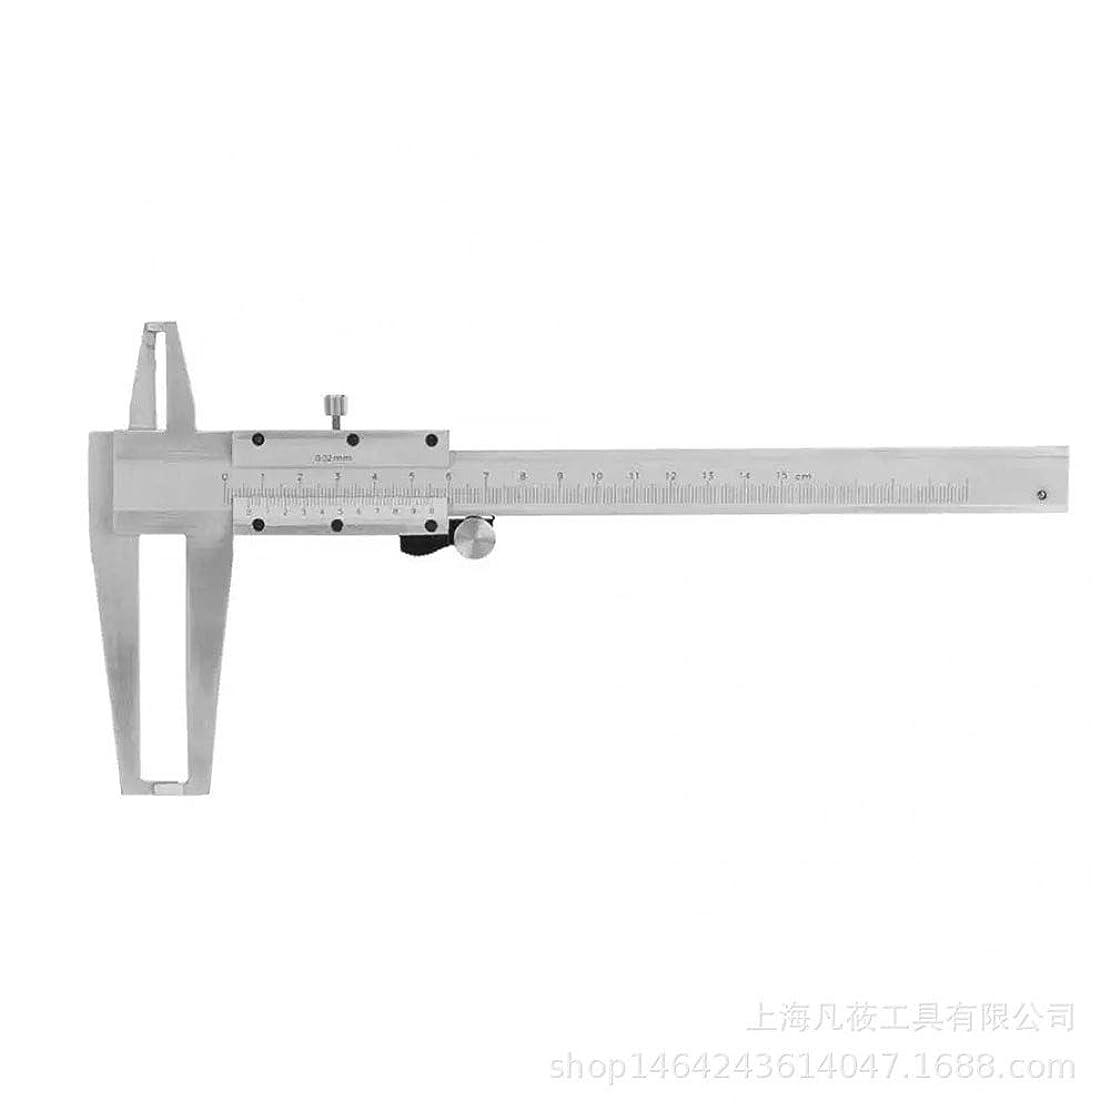 毒湿度ビルダーノギス 工業用グレードダブル内溝ノギス内部測定キャリパーインナー径 デジタルキャリパーLCD (色 : 銀, サイズ : 300mm)